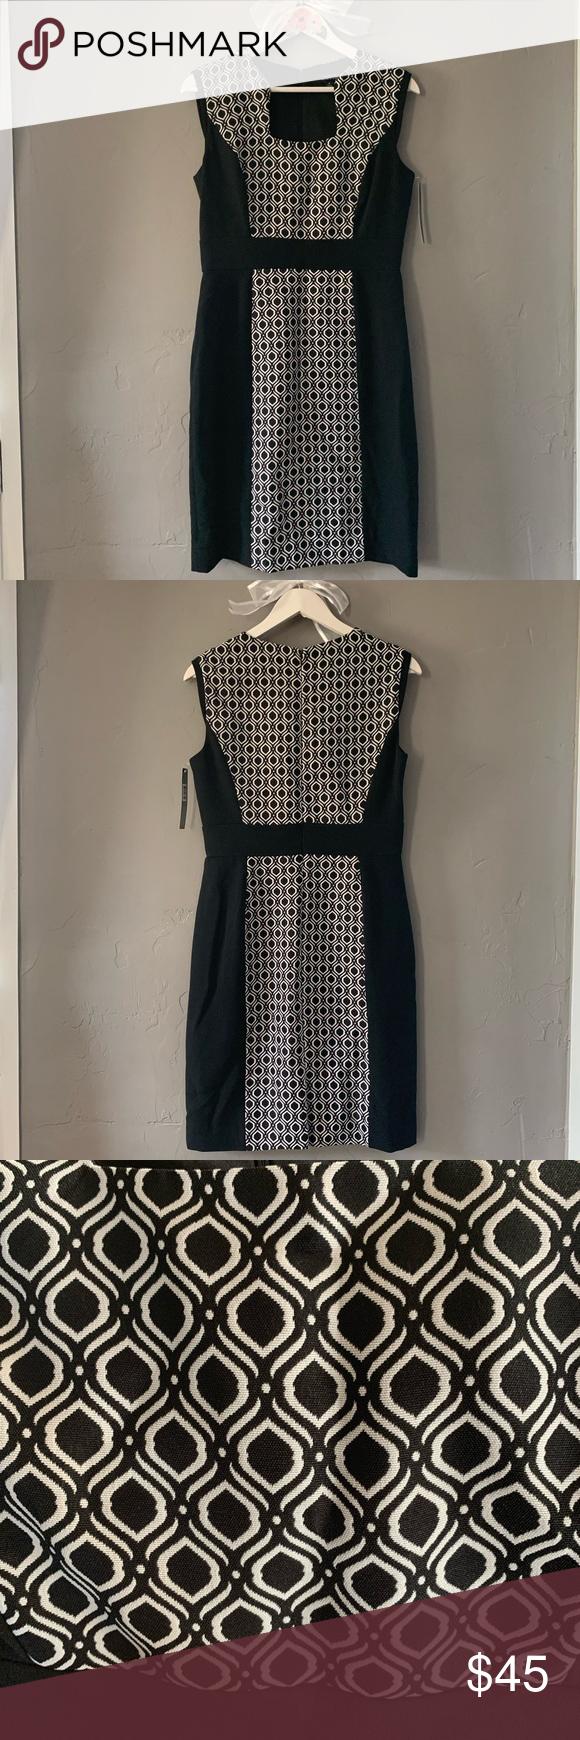 Nwt Tahari Asl Dress Dresses Tahari Dress Gorgeous Dresses [ 1740 x 580 Pixel ]